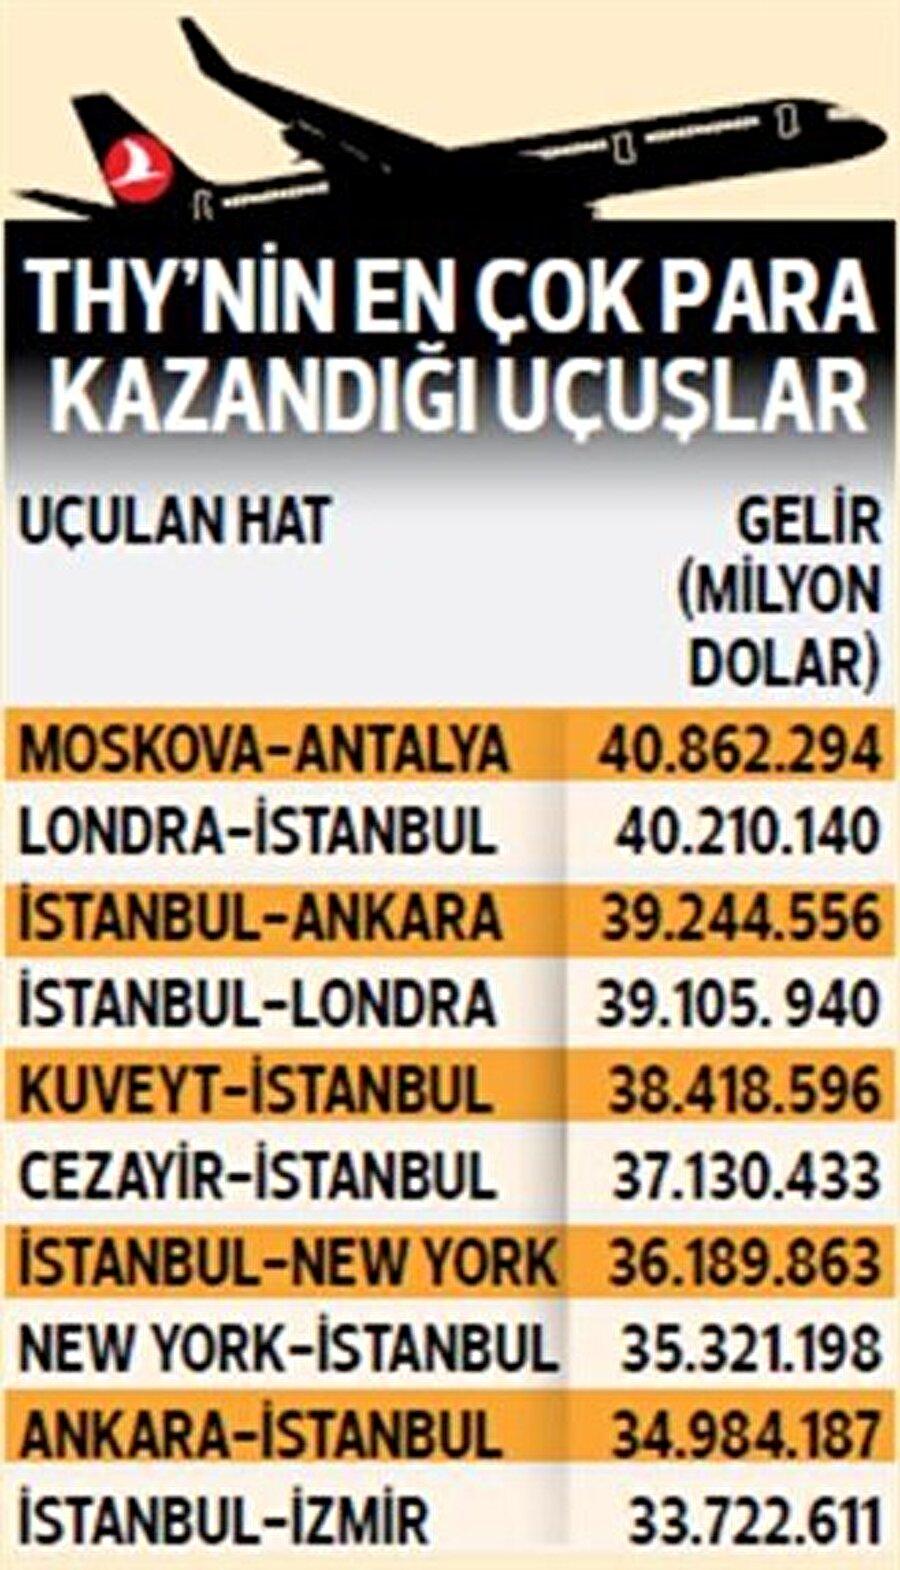 Türk Hava Yolları'nın en çok para kazandığı 10 hattın sıralaması böyle oluştu.